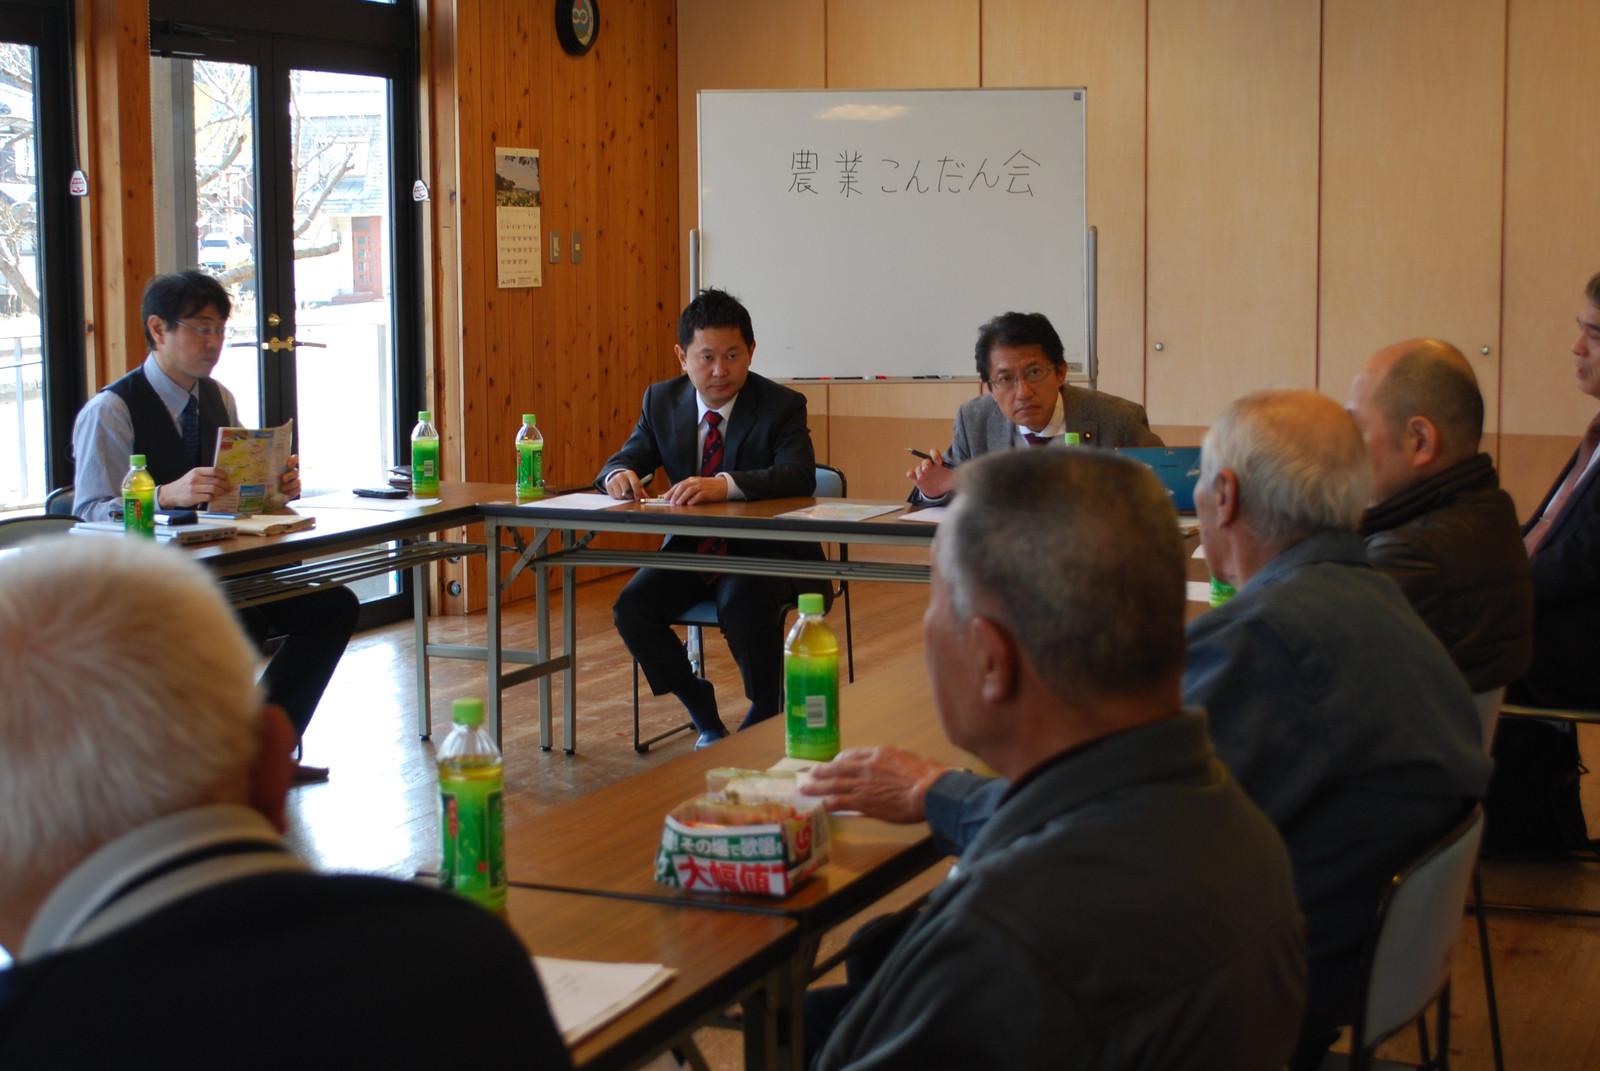 参加者の話に耳を傾ける(正面左から)大平、田村の両氏=21日、山口県下関市